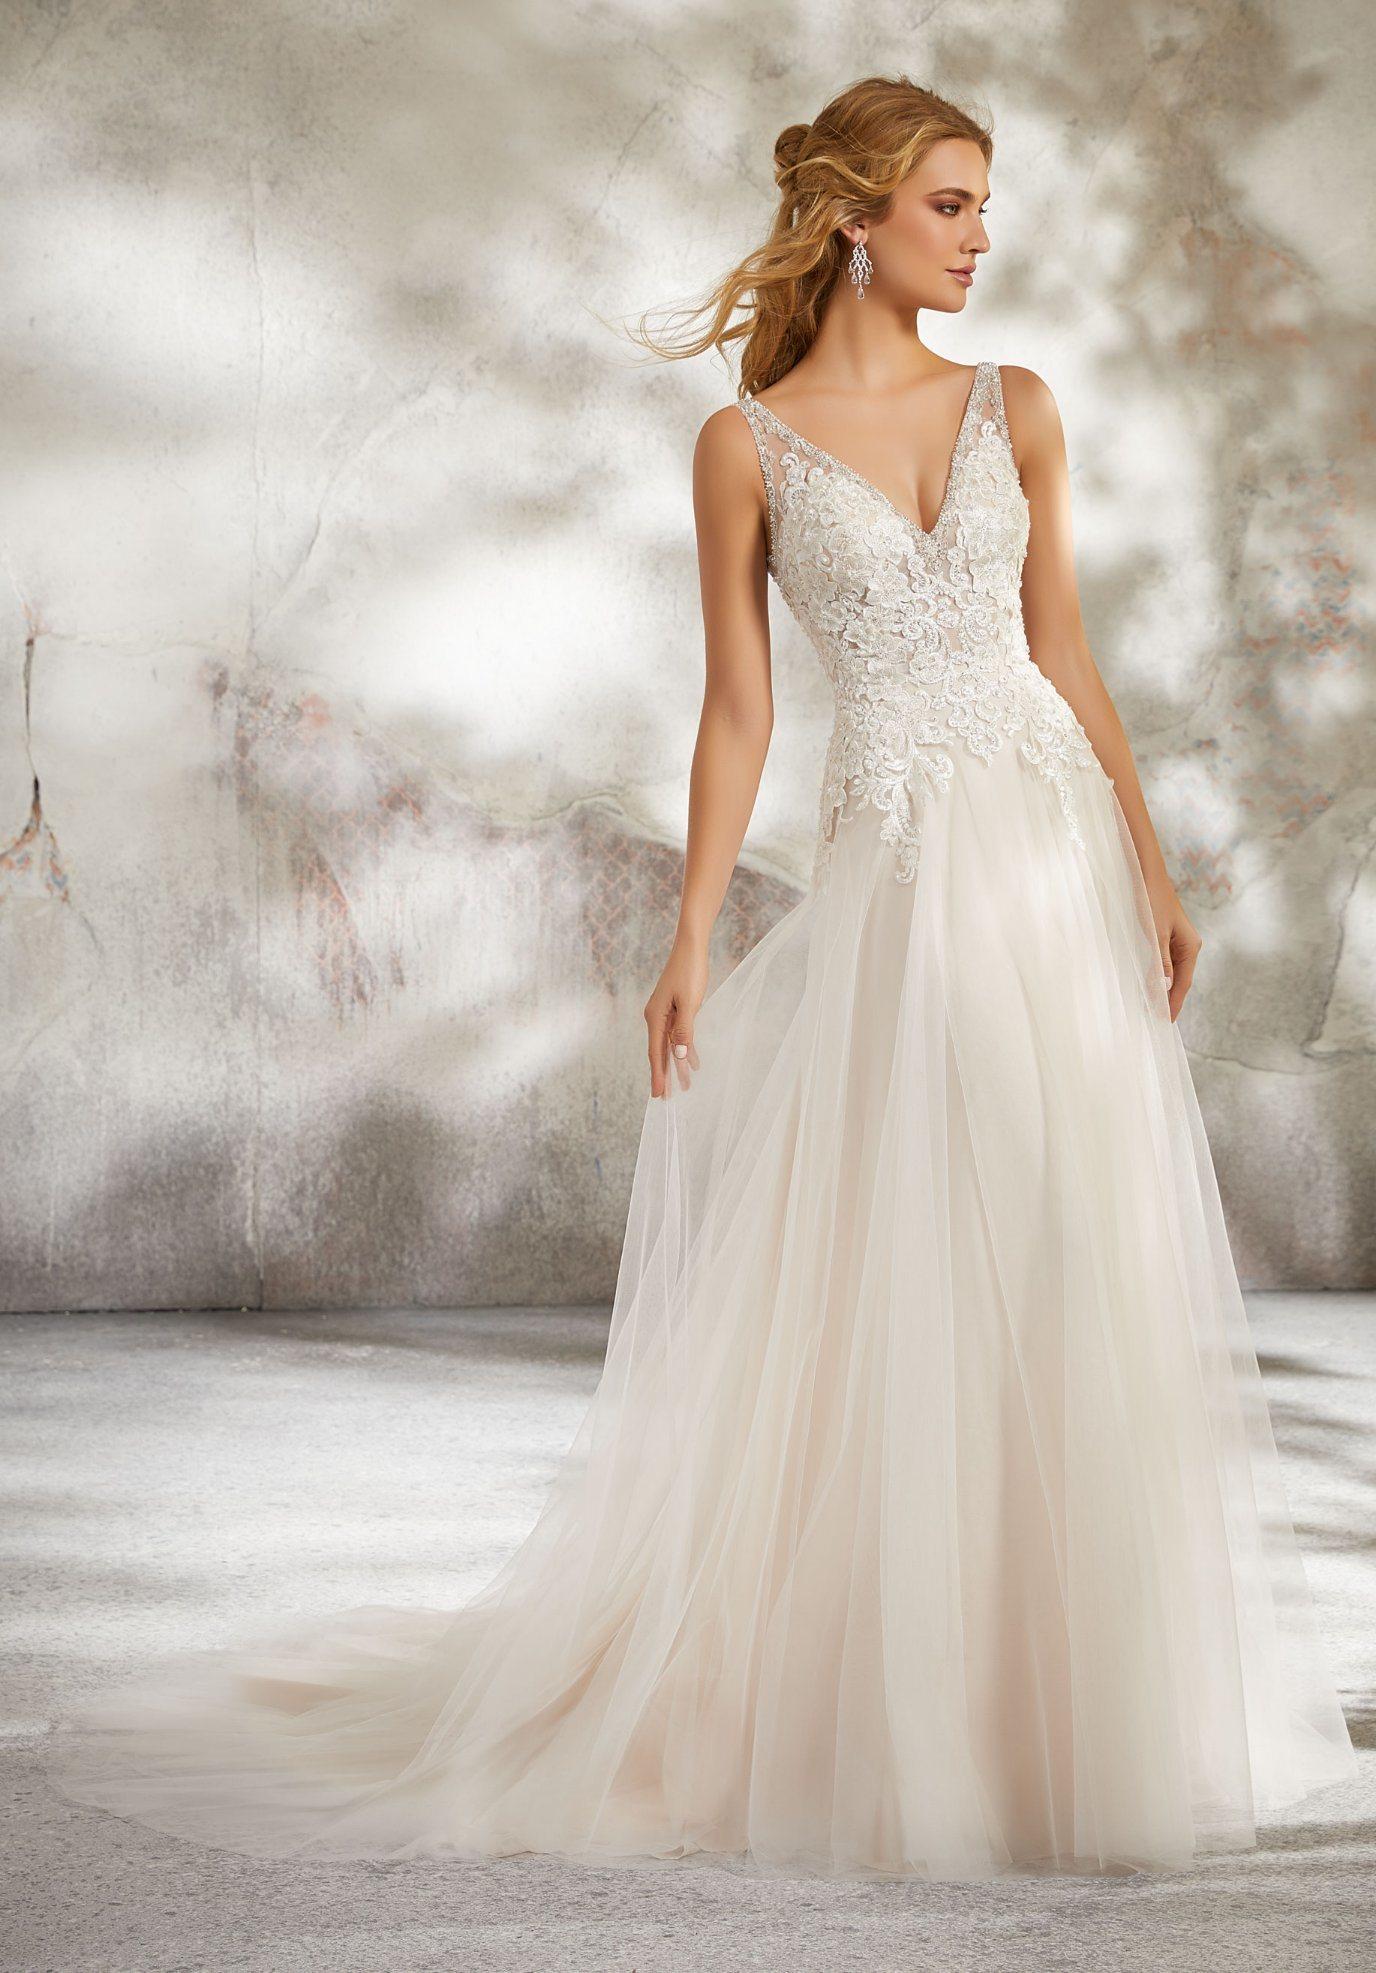 67df6b57a6 Sparkly Wedding Gowns   Saddha